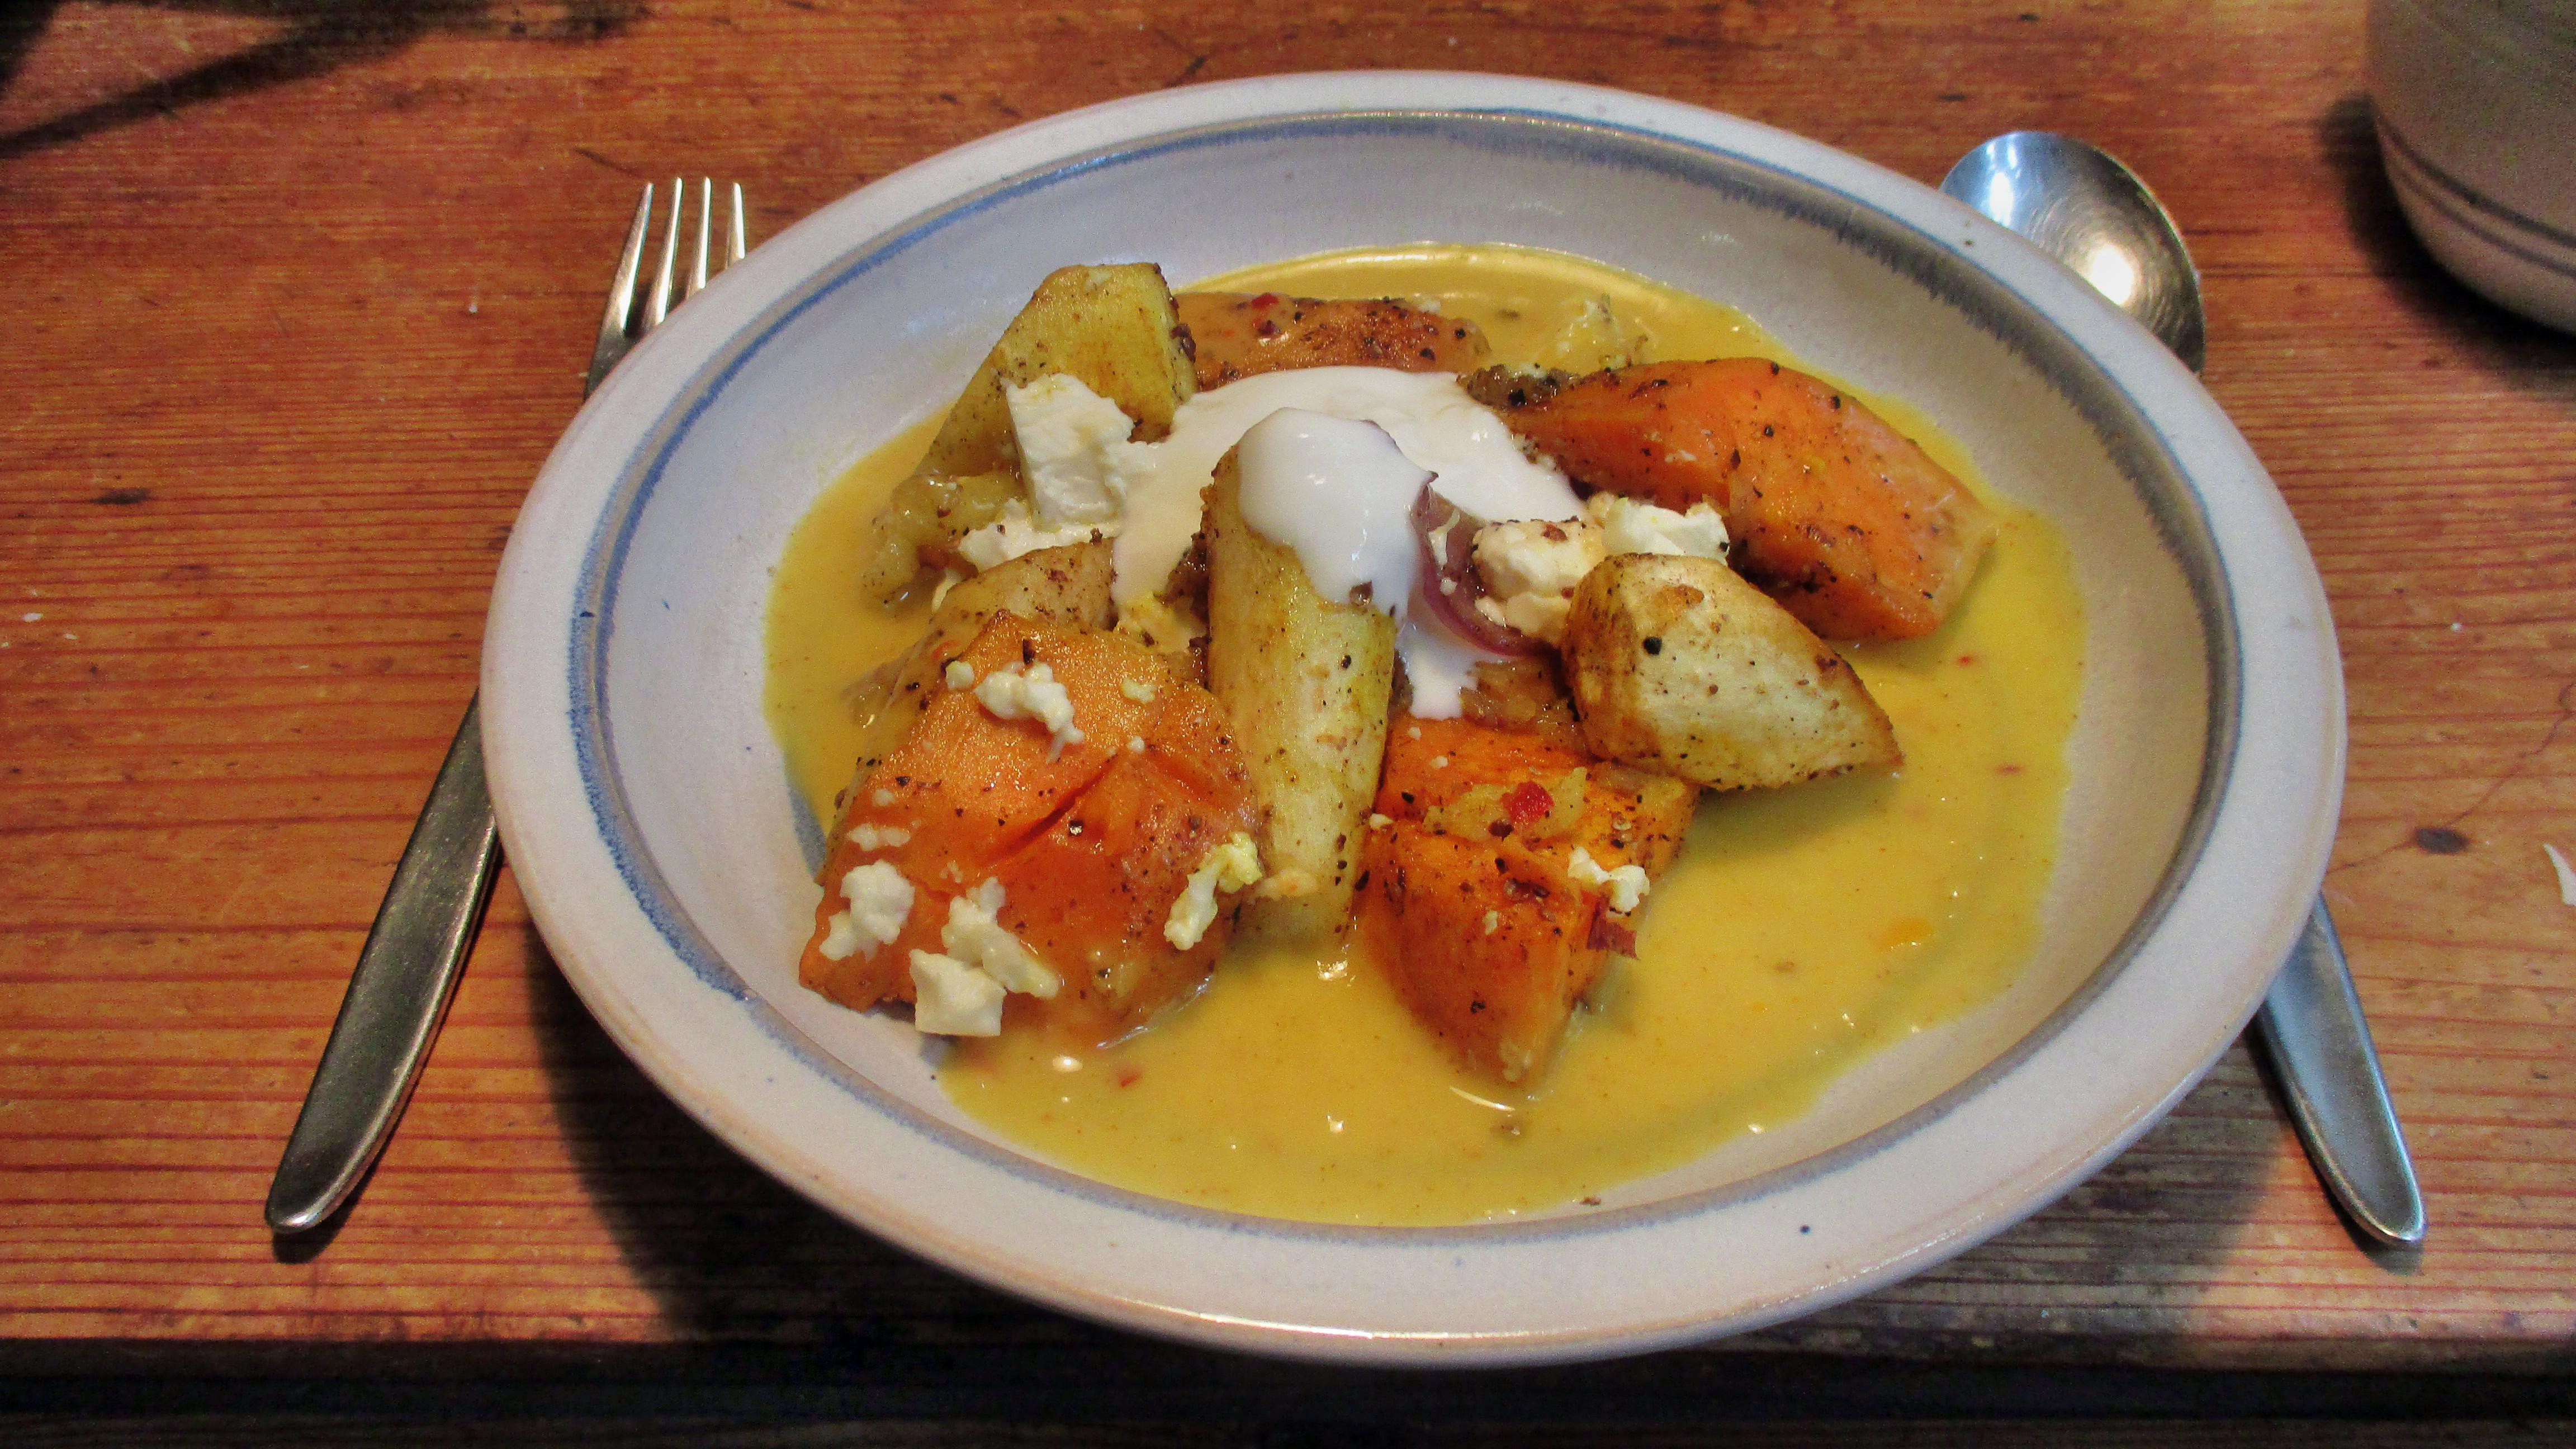 Pastinaken,Kartoffel Pfanne,Orangensoße - 10.11.15   (2a) (1)